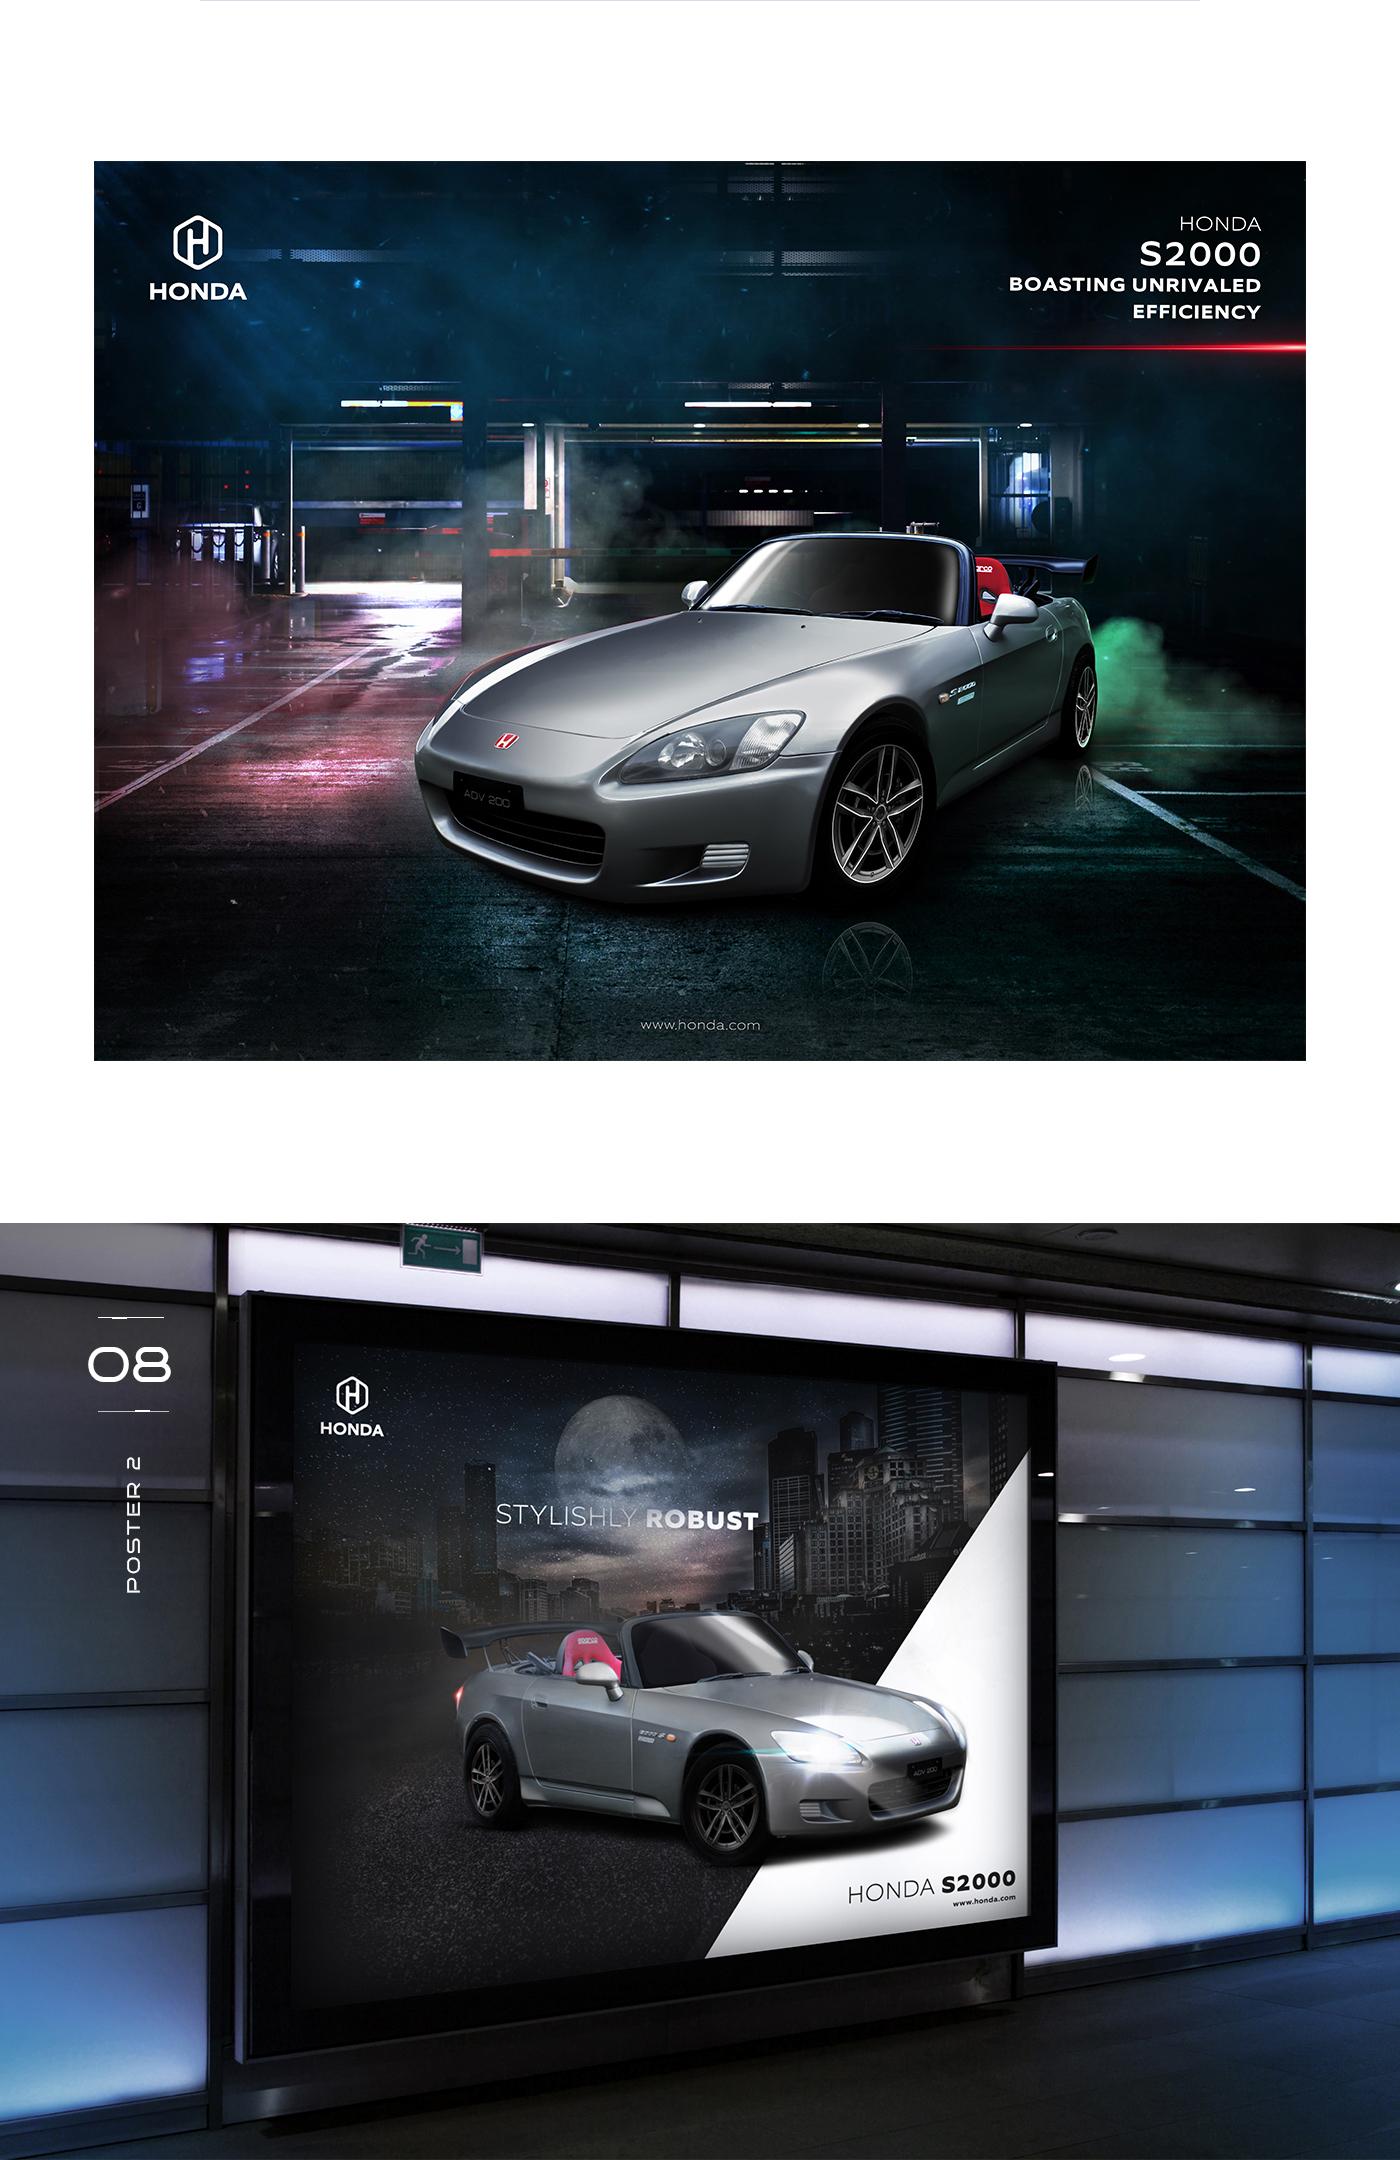 Honda Car Concept Branding Advertising Posters Design On Behance